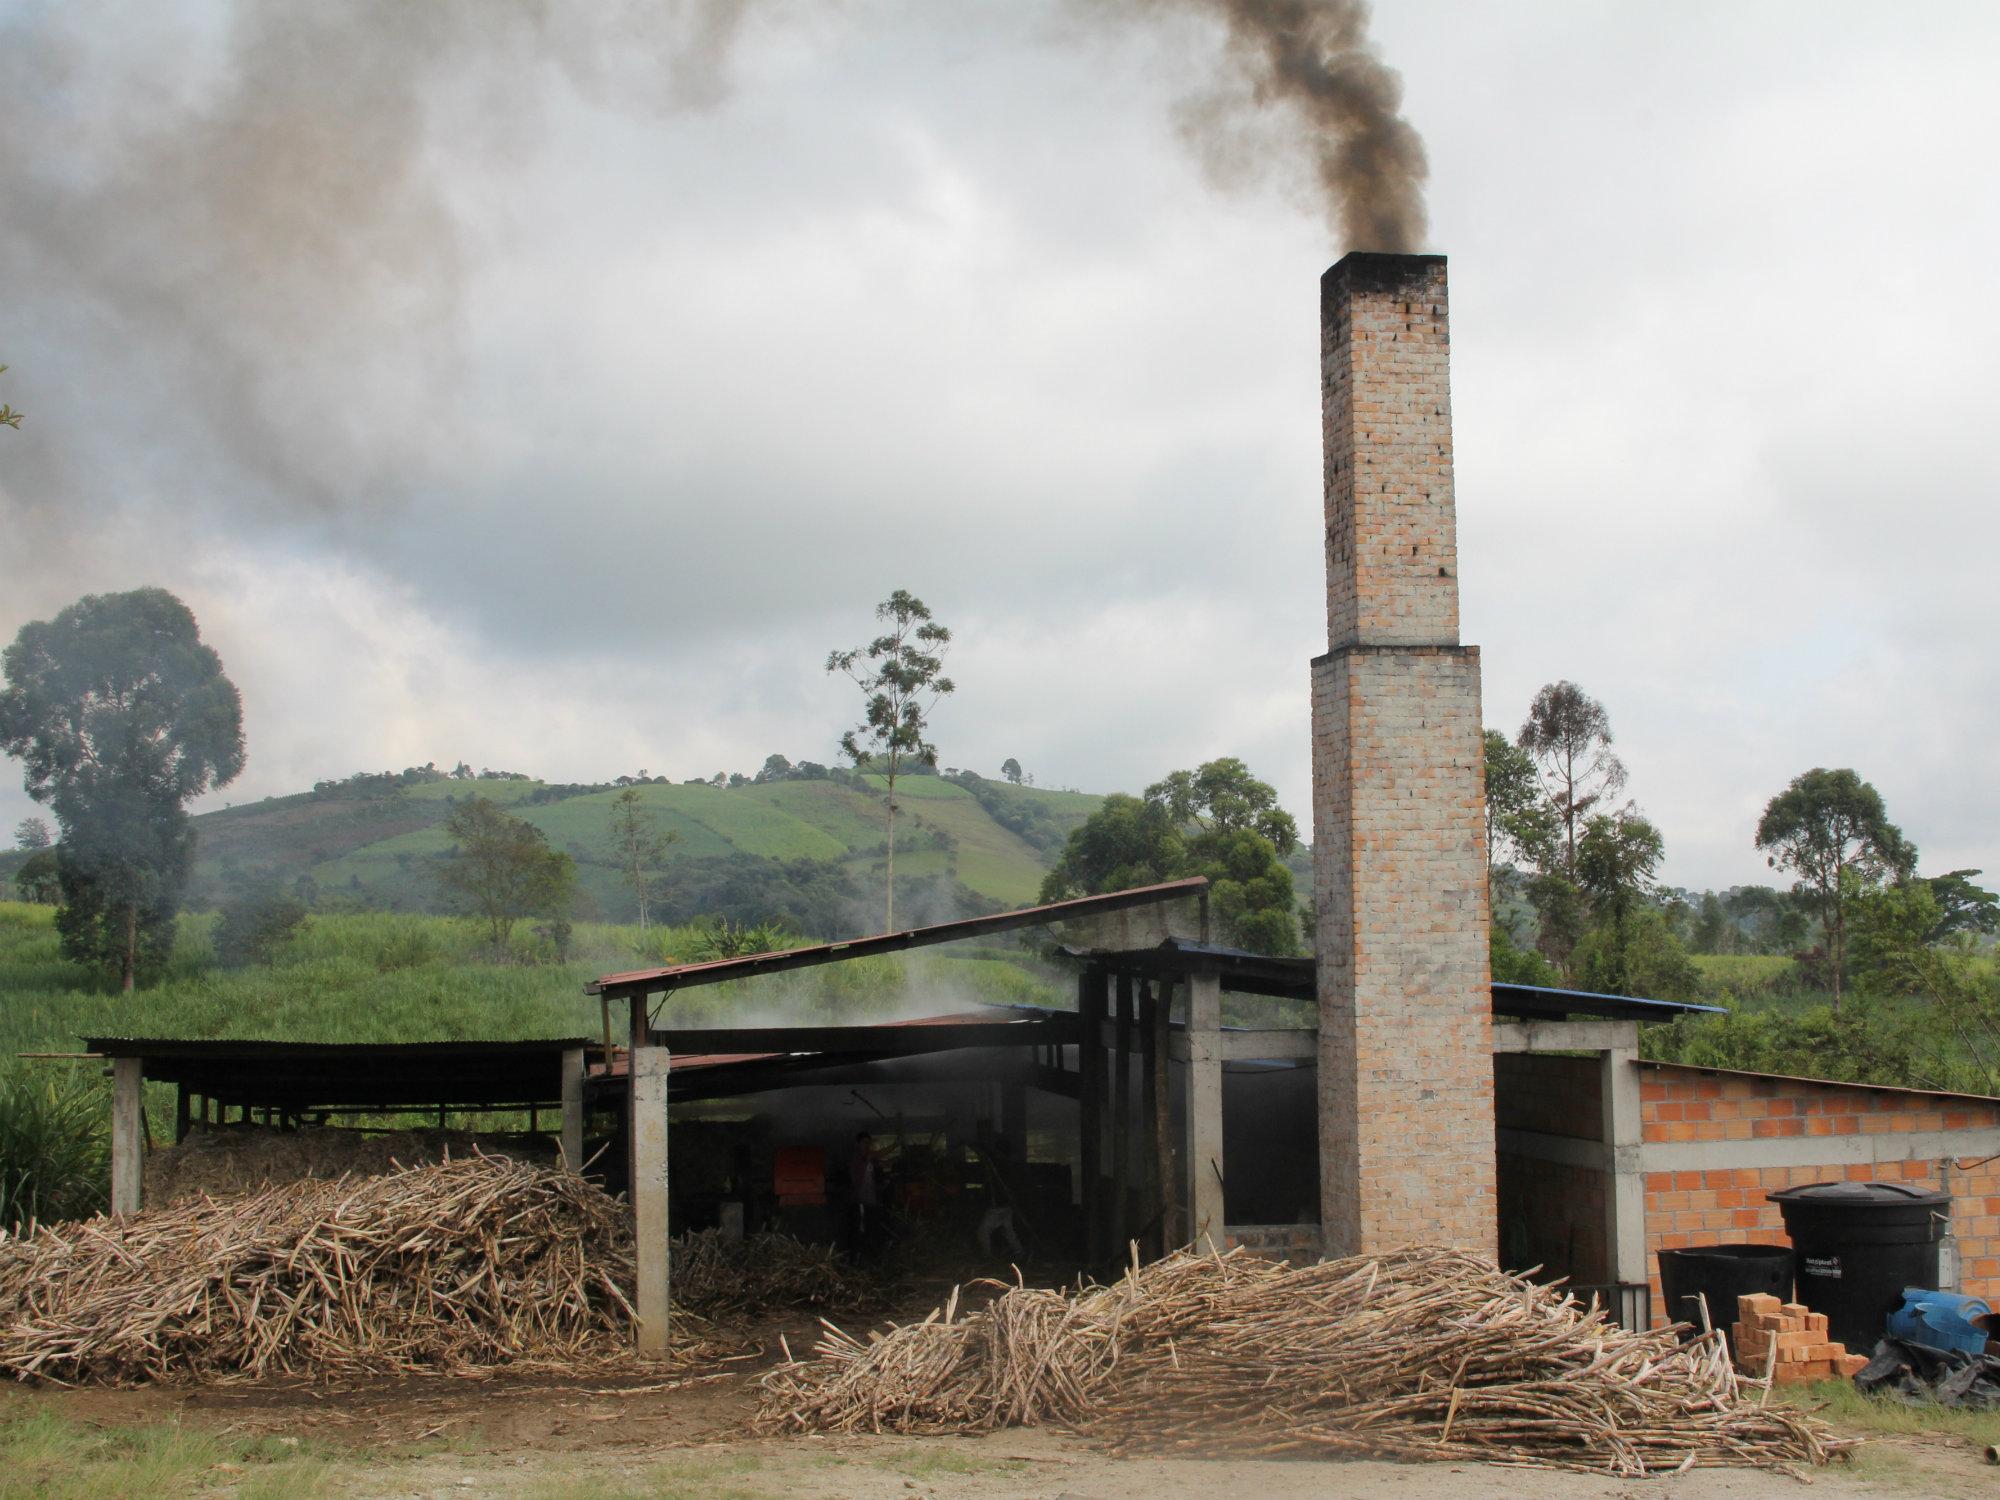 Aumentando la eficiencia energética en los trapiches paneleros del país